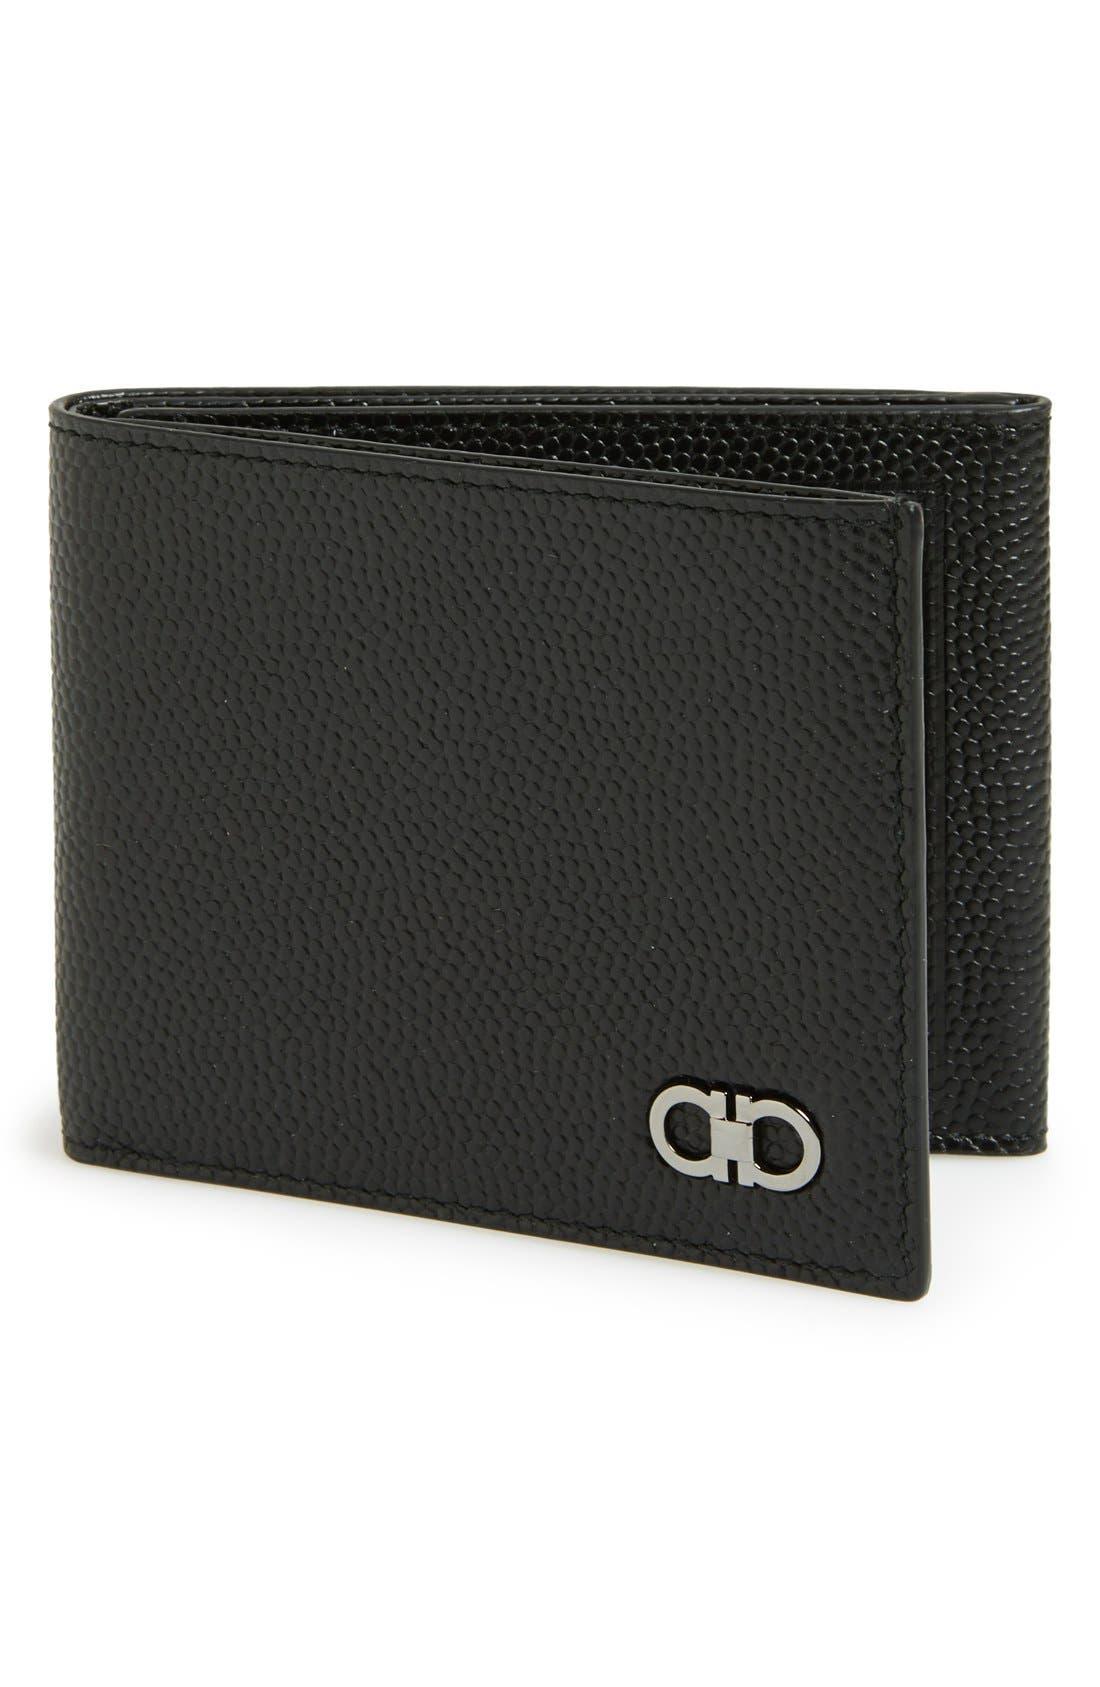 Salvatore Ferragamo Trifold Wallet